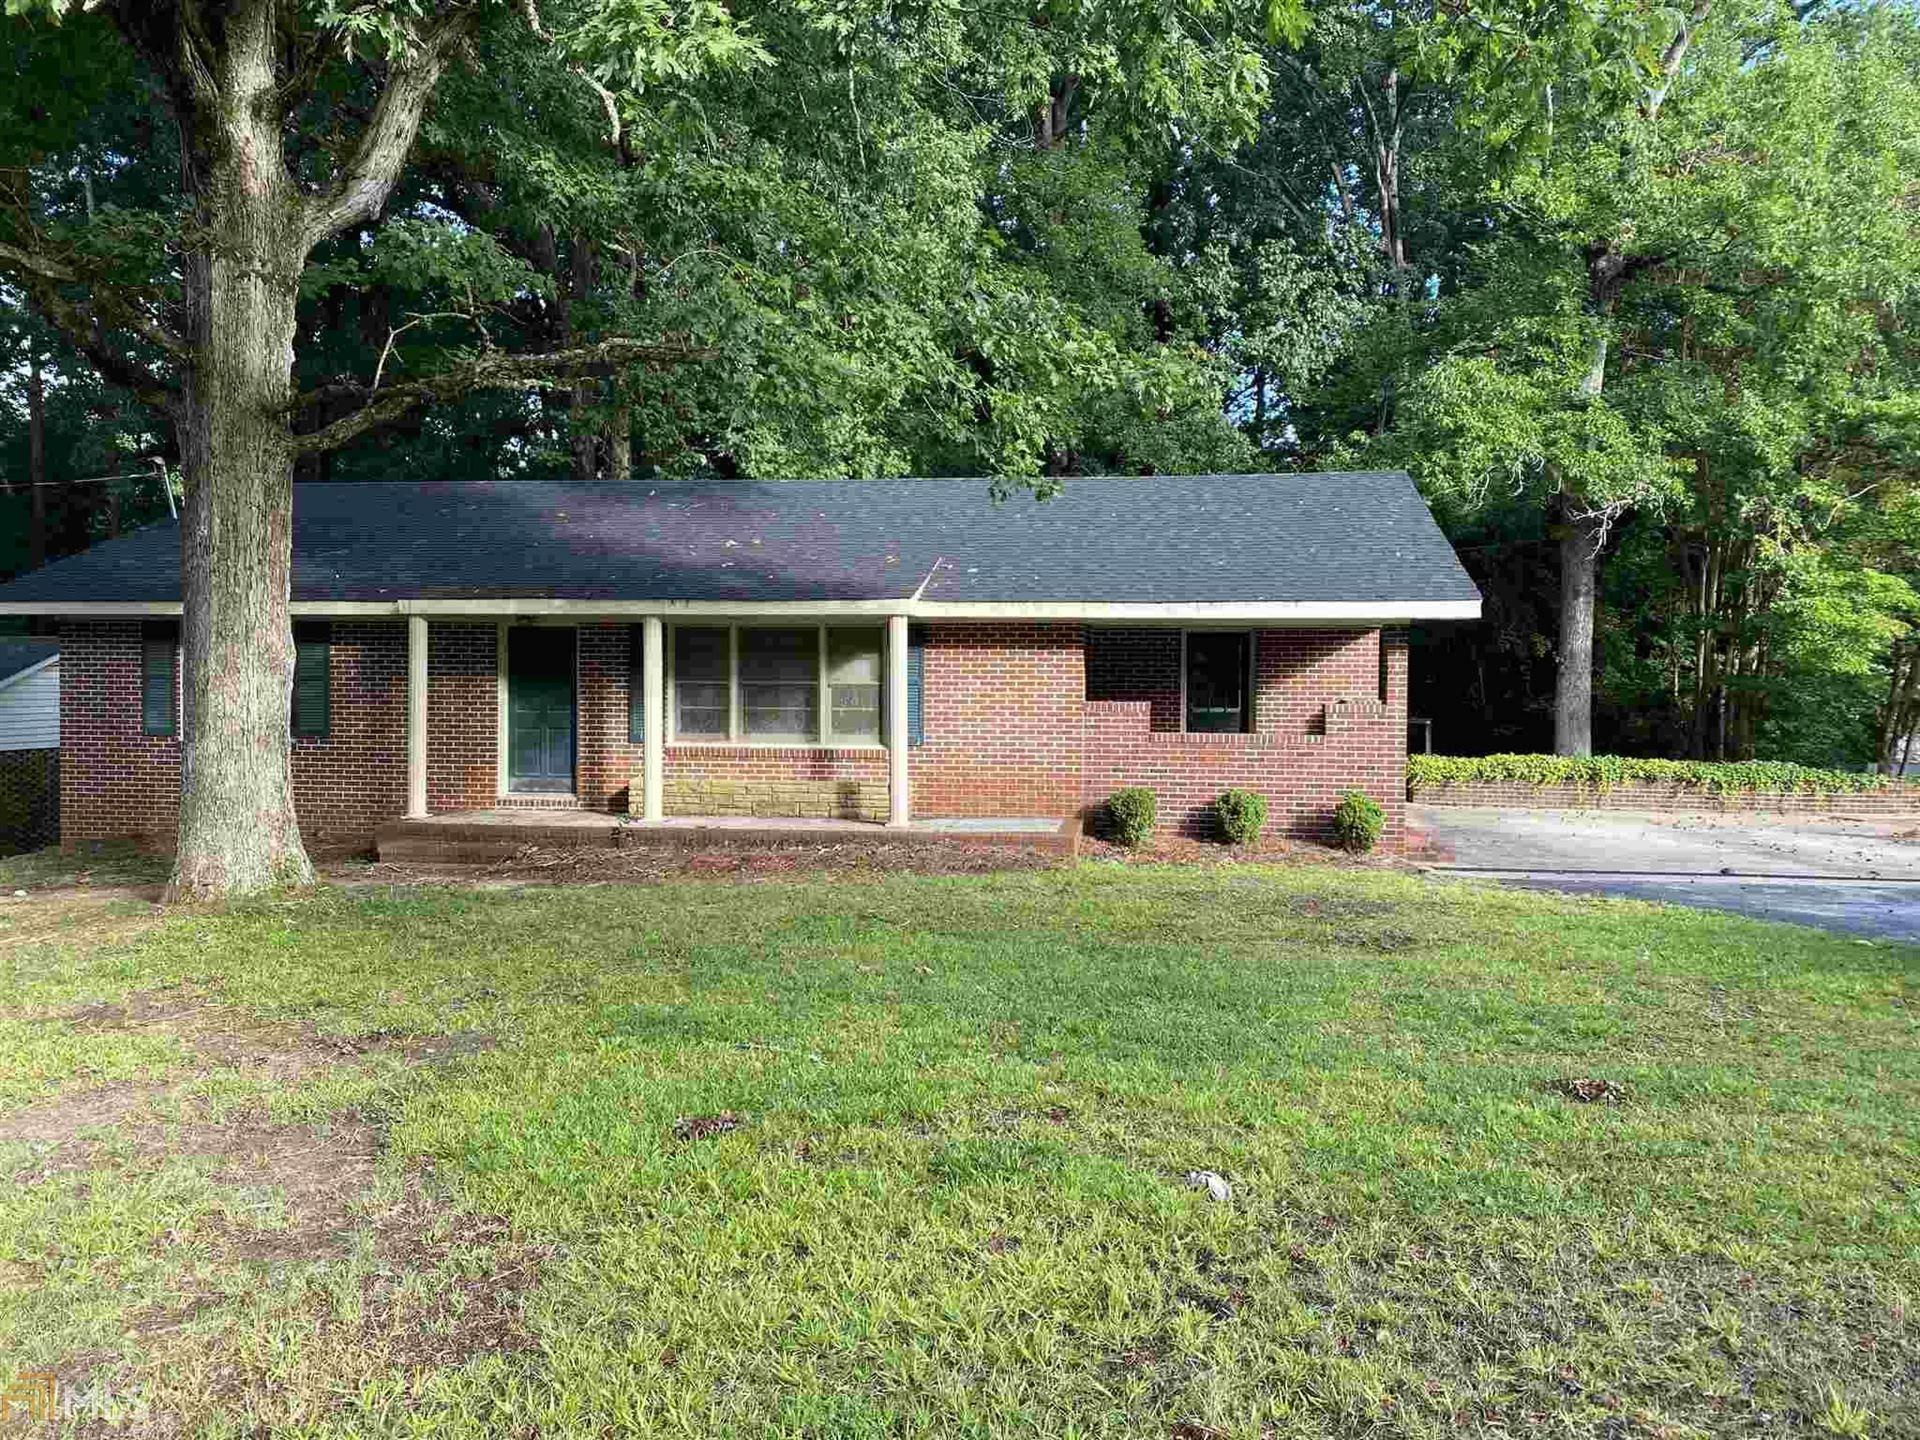 534 Woodland Rd, Elberton, GA 30635 - MLS#: 8844364